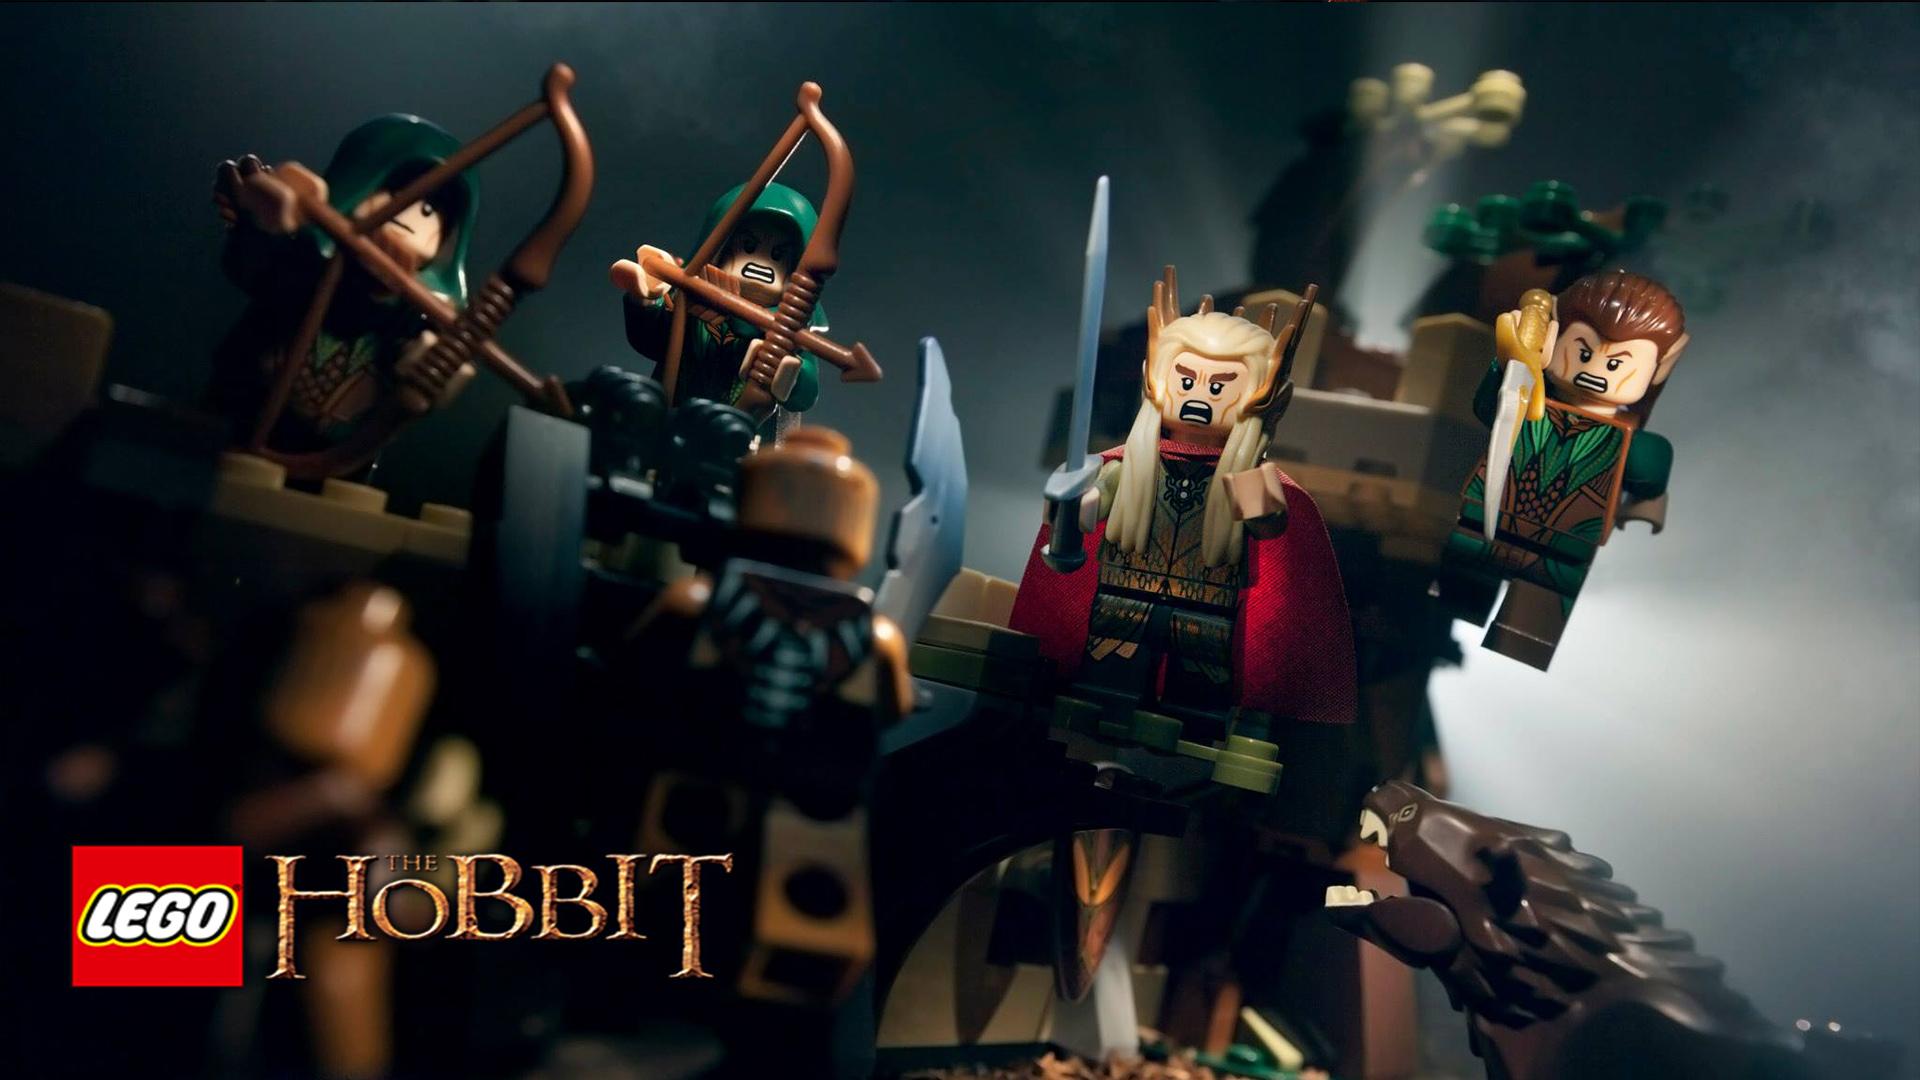 vidéo lego the hobbit lego hobbit légo thranduil fond d'écran